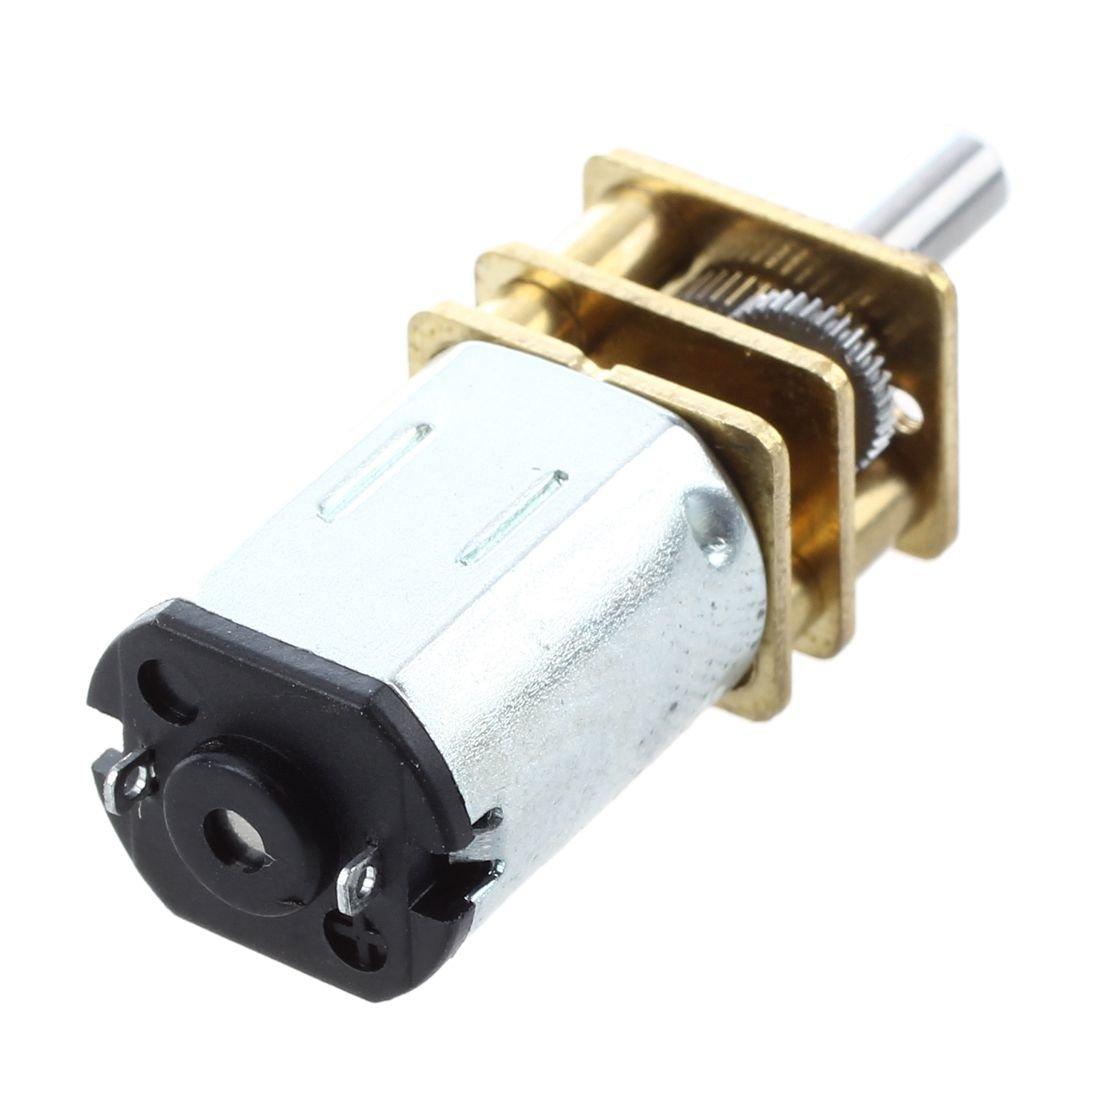 R Gold DC-Getriebemotor Minderer Geschwindigkeit Elektrisch M20 12V 0.06A 80RPM 5Kg.cm Silber Getriebemotor SODIAL